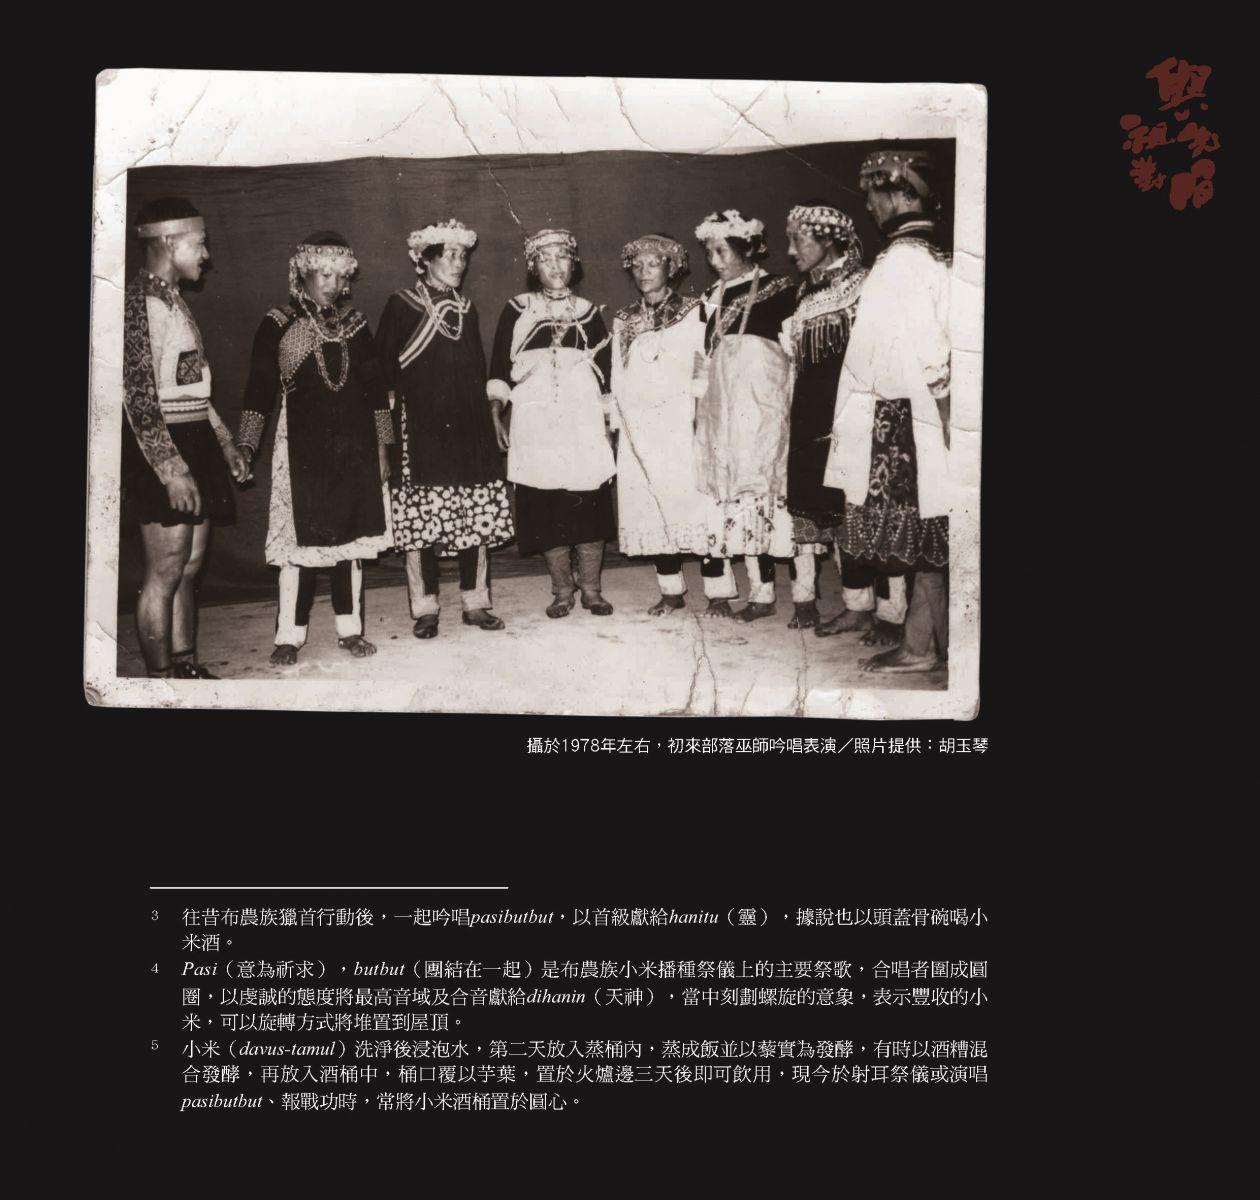 設於1978年左右,初來部落巫師吟唱表演/照片提供:胡玉琴